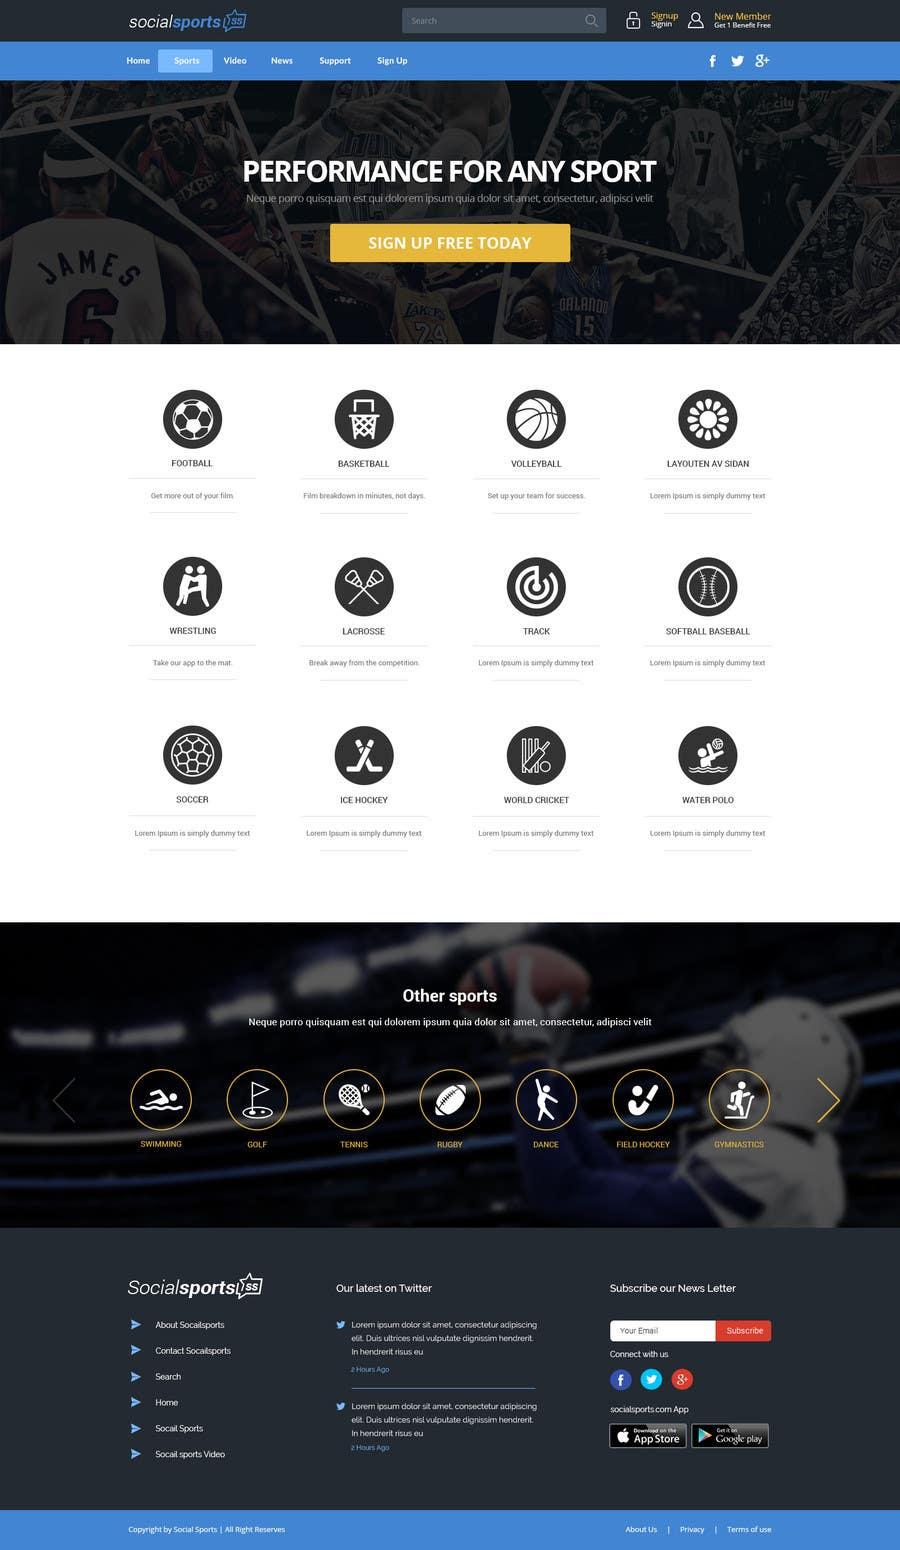 Konkurrenceindlæg #                                        19                                      for                                         Design a Website for Sports Skills Video Uploading Site